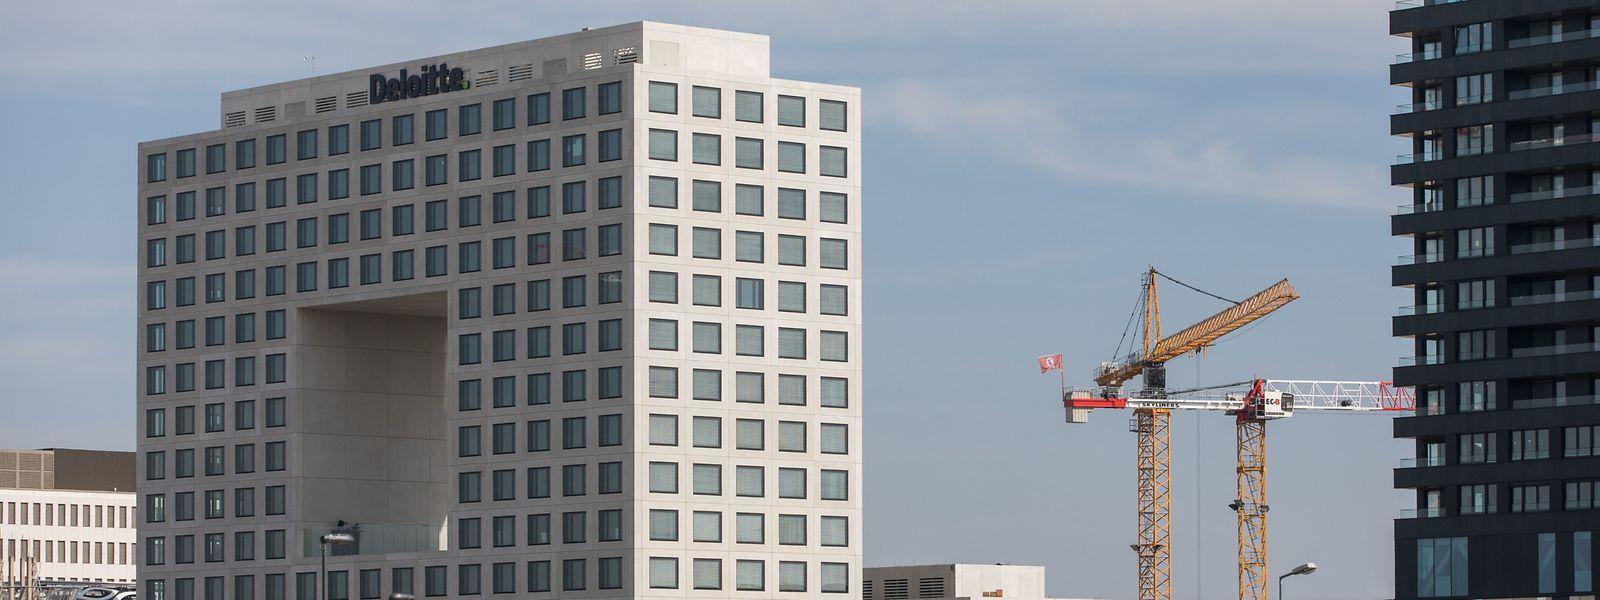 Le Luxembourg prêt à engager près de 19% de ses 63 milliards de produit intérieur brut dans les mesures anti-crise.